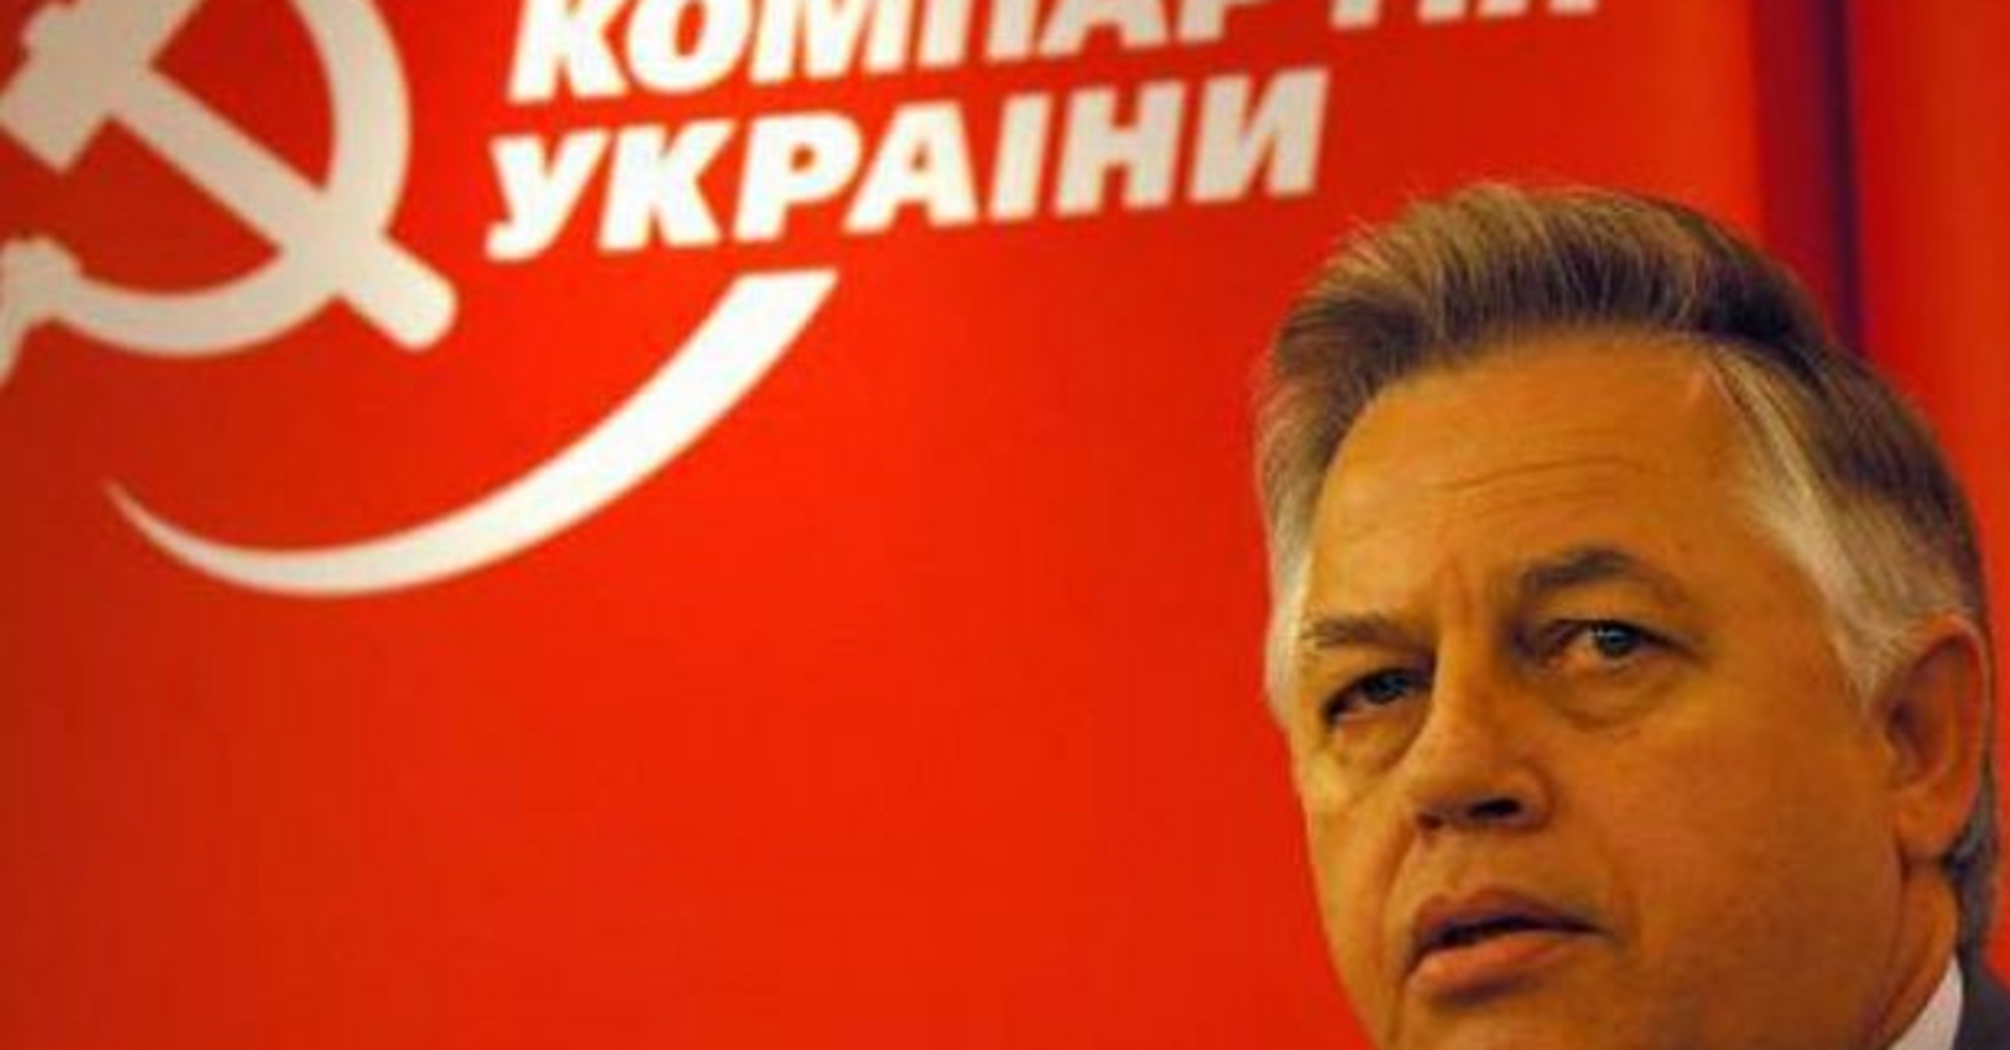 Коммунистическая партия все еще работает и собирает миллионы в Украине